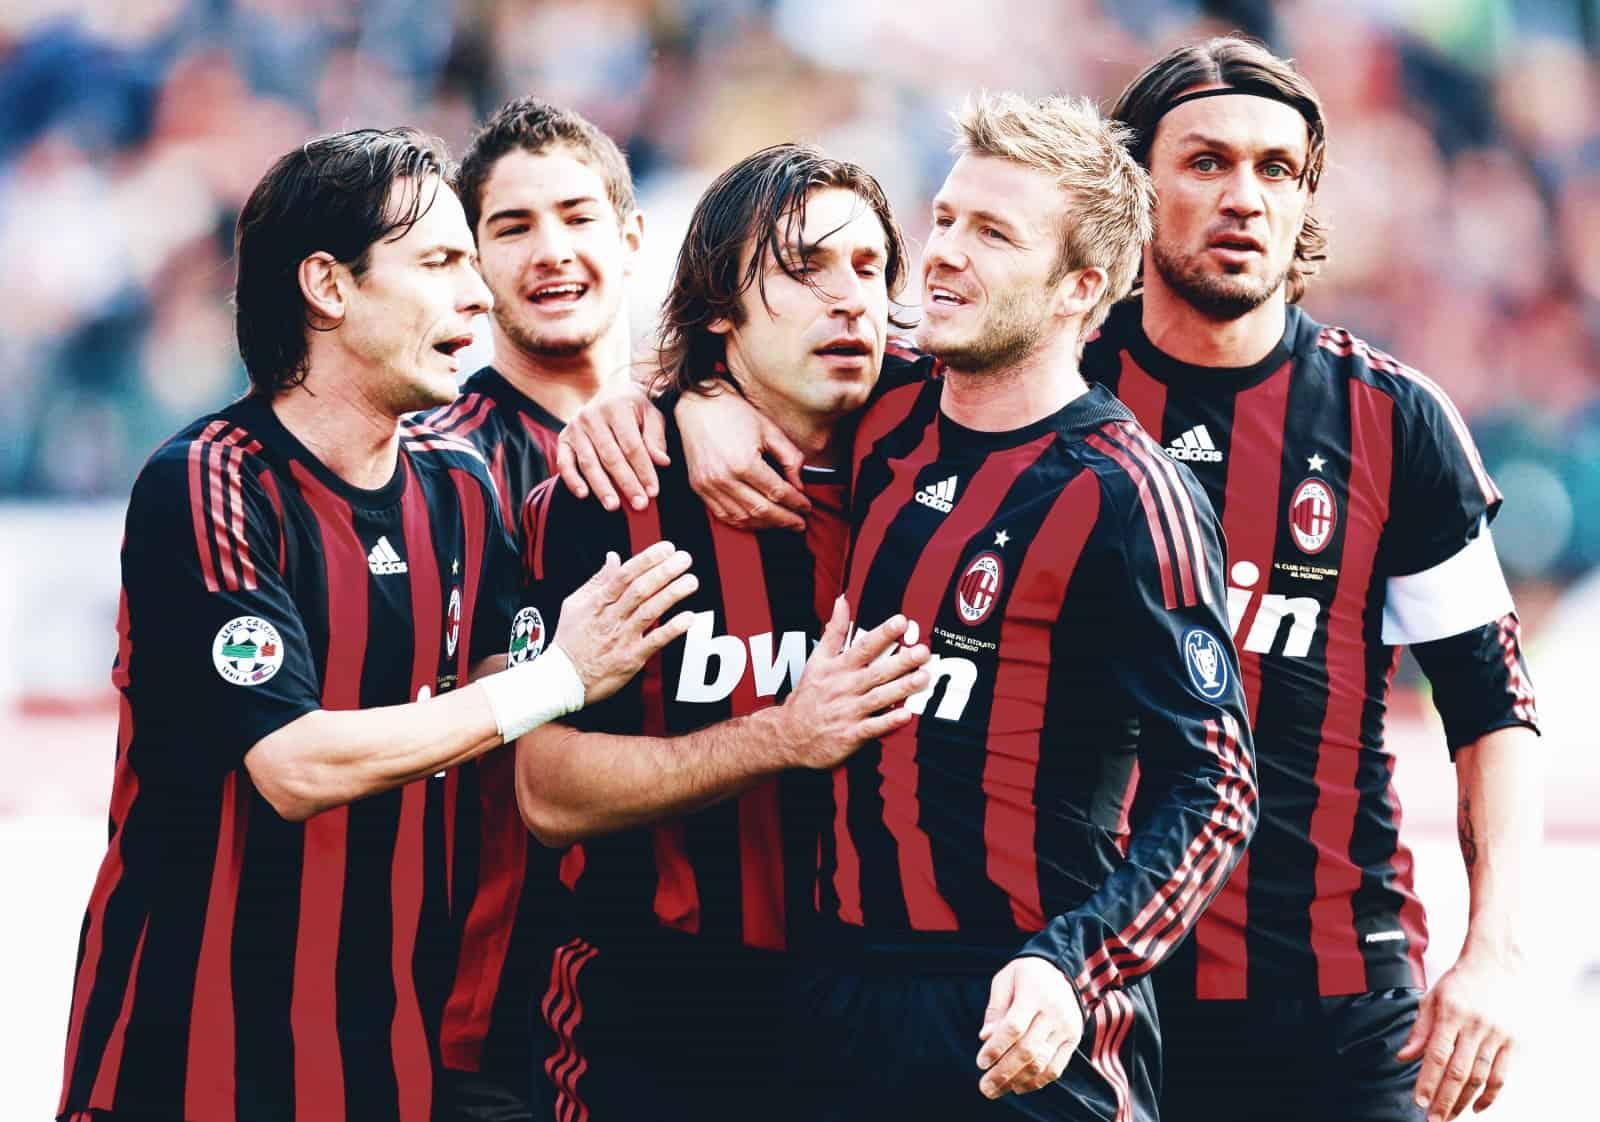 milan fc soccer team 2019